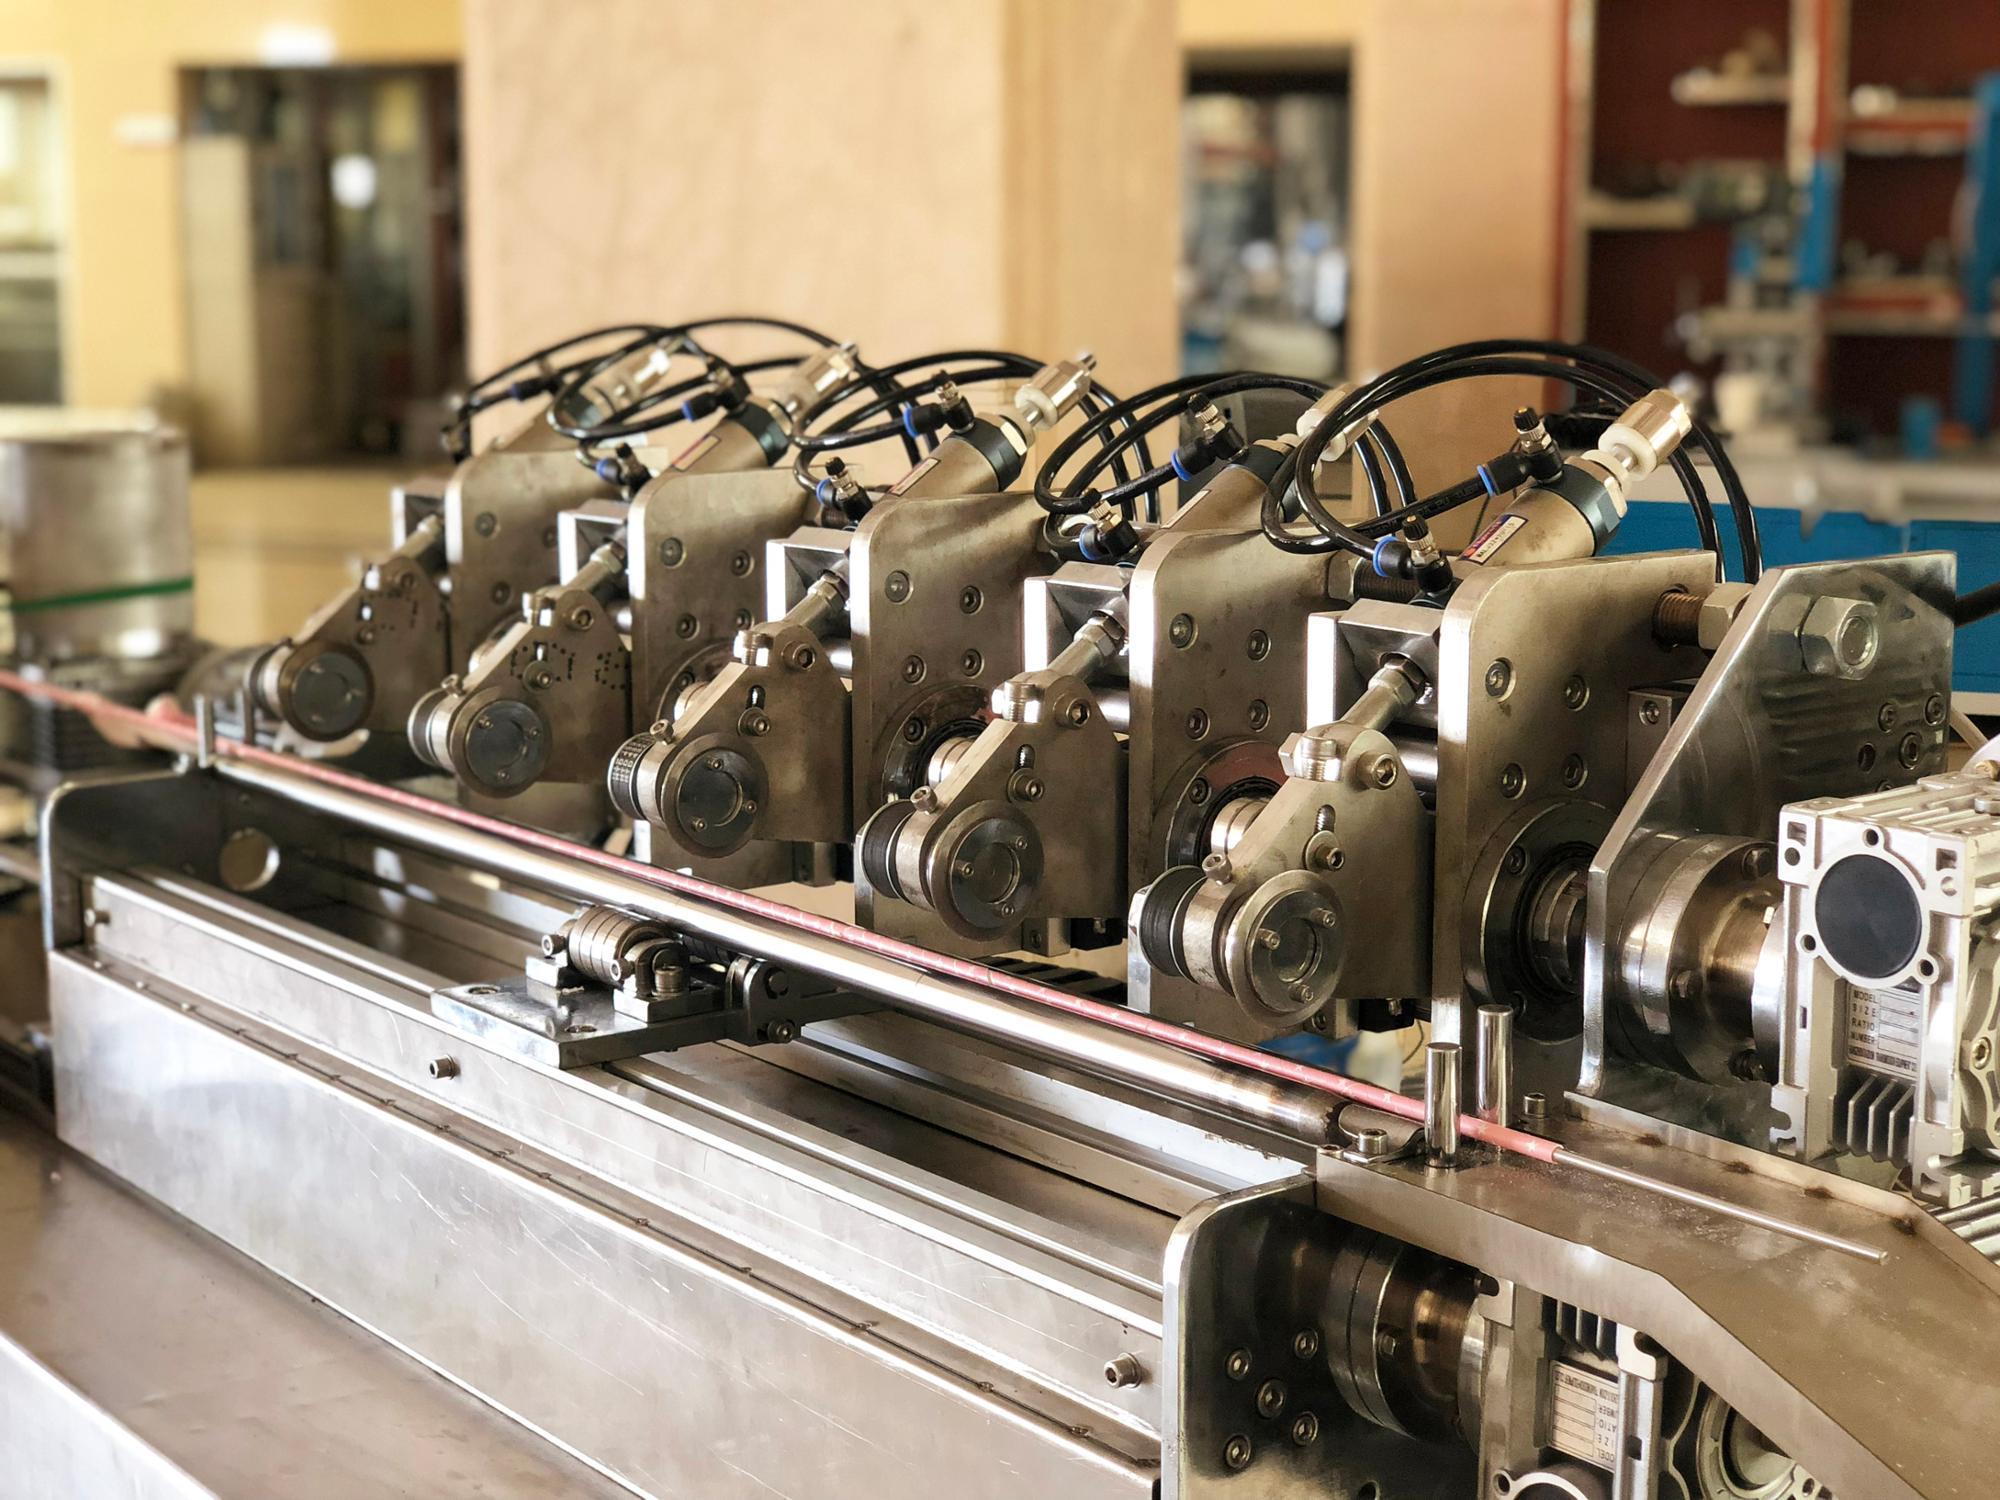 เครื่องทำฟางดื่มกระดาษความเร็วสูงแบบหลายใบ